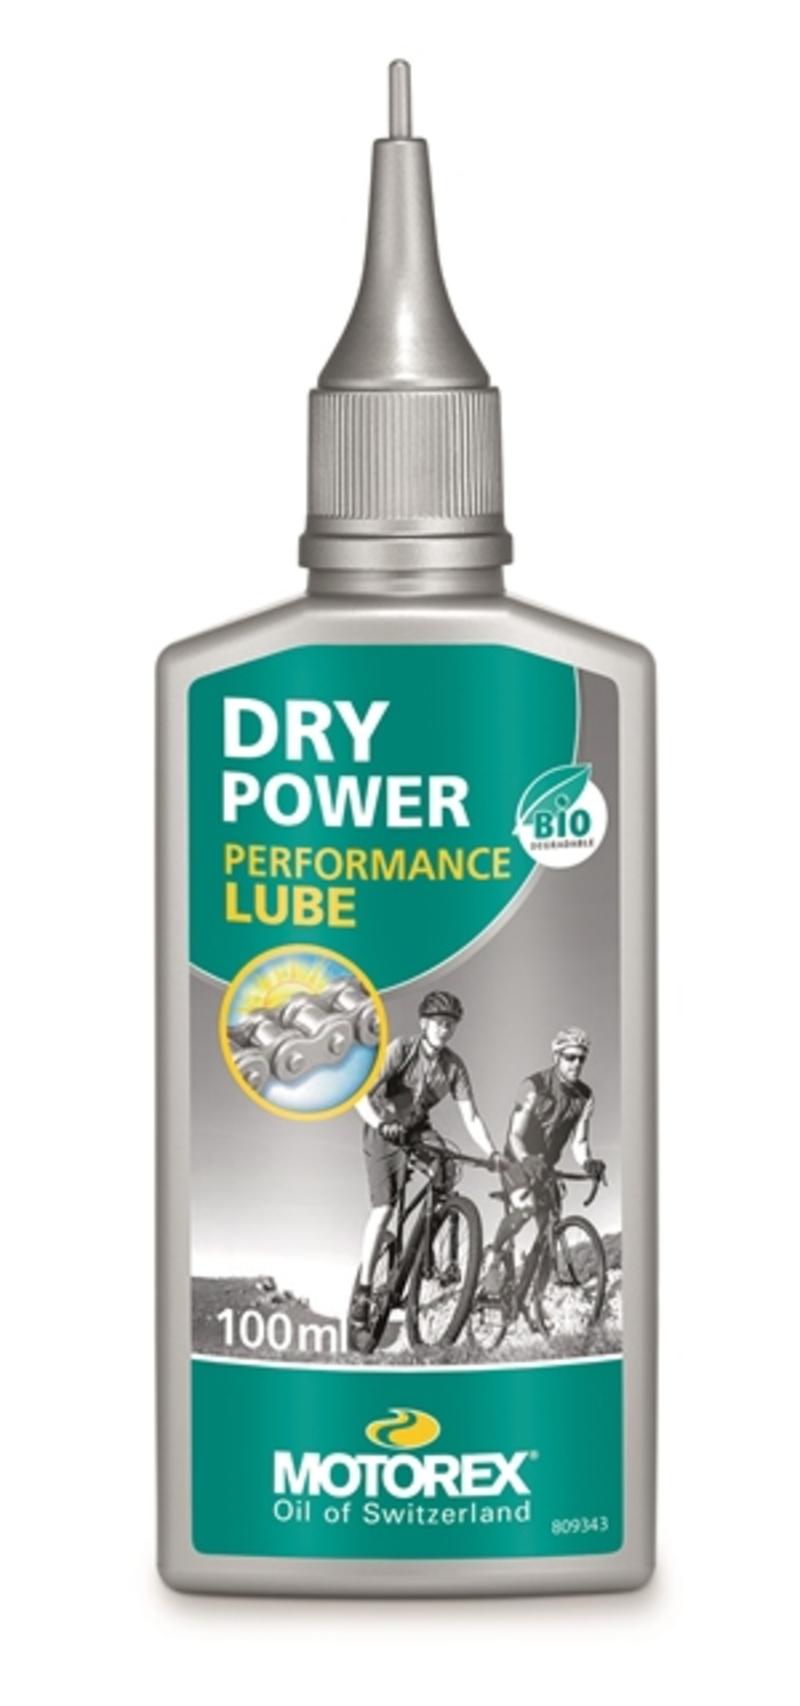 Motorex olej DRY POWER 100ml